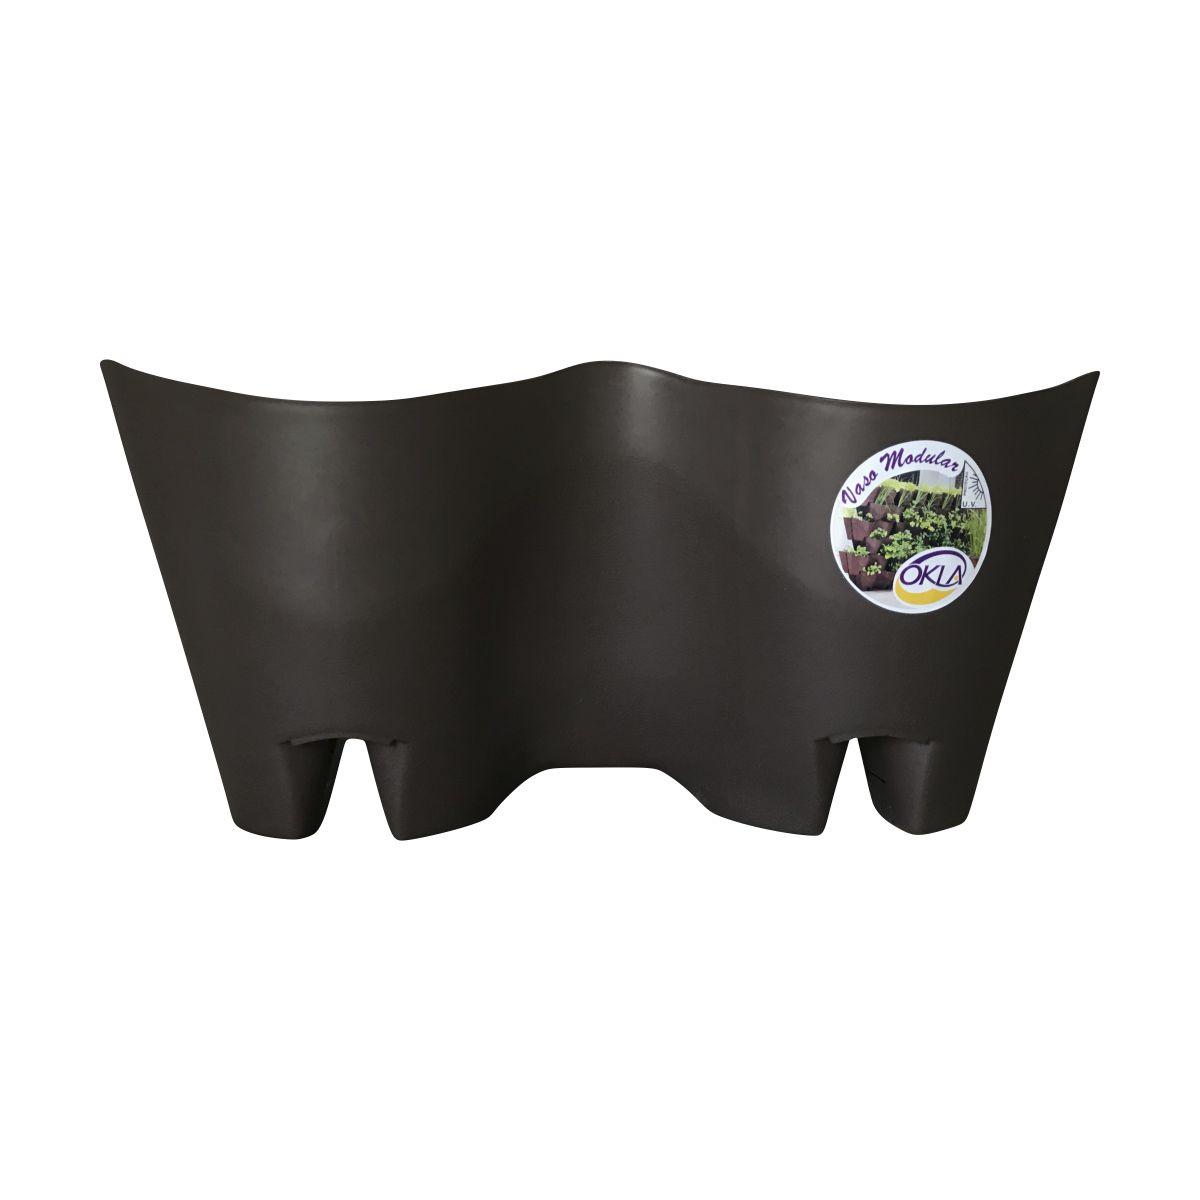 Vaso Modular de Parede Tabaco 19cm x 41cm